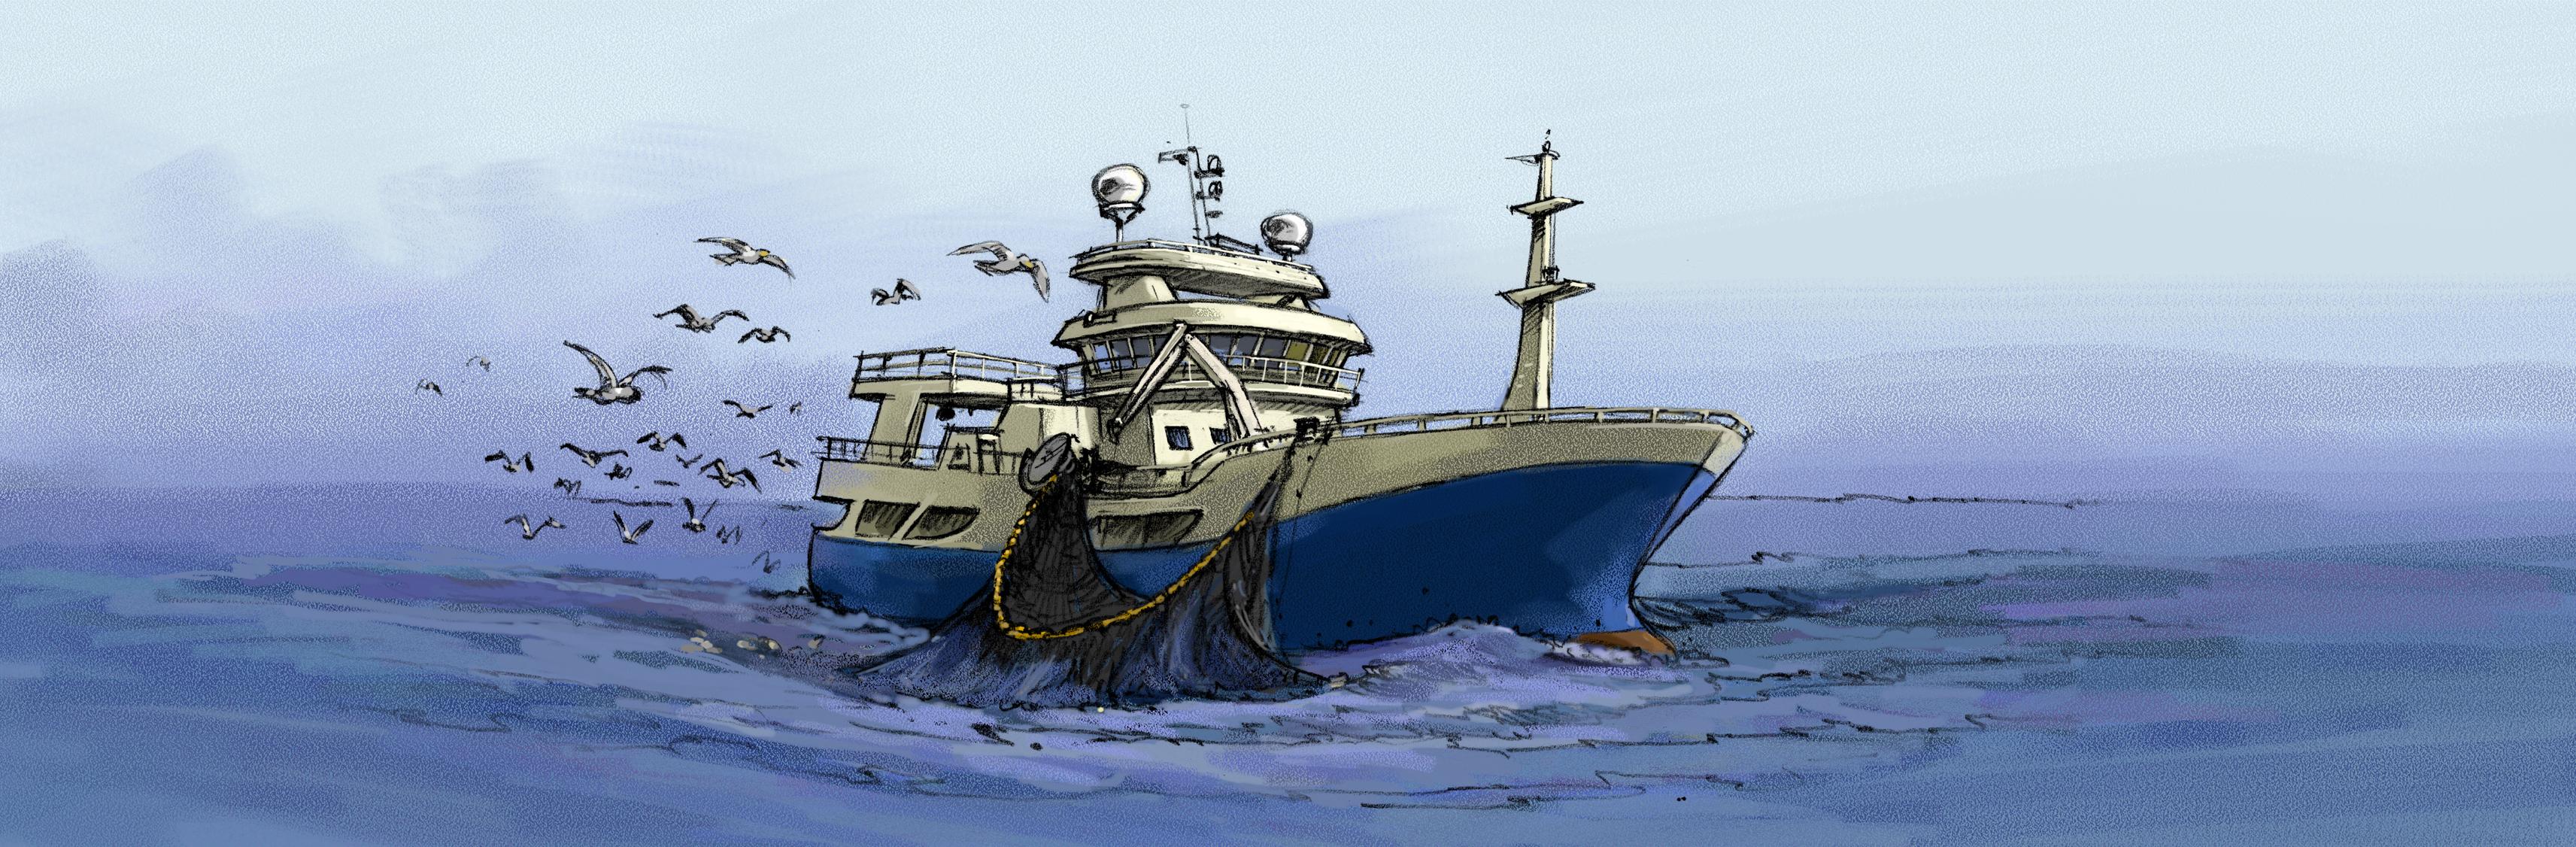 Sikkerhetsstyring ISM og vedlikeholdsystem, programmer tilpasset fiskebåter trålere